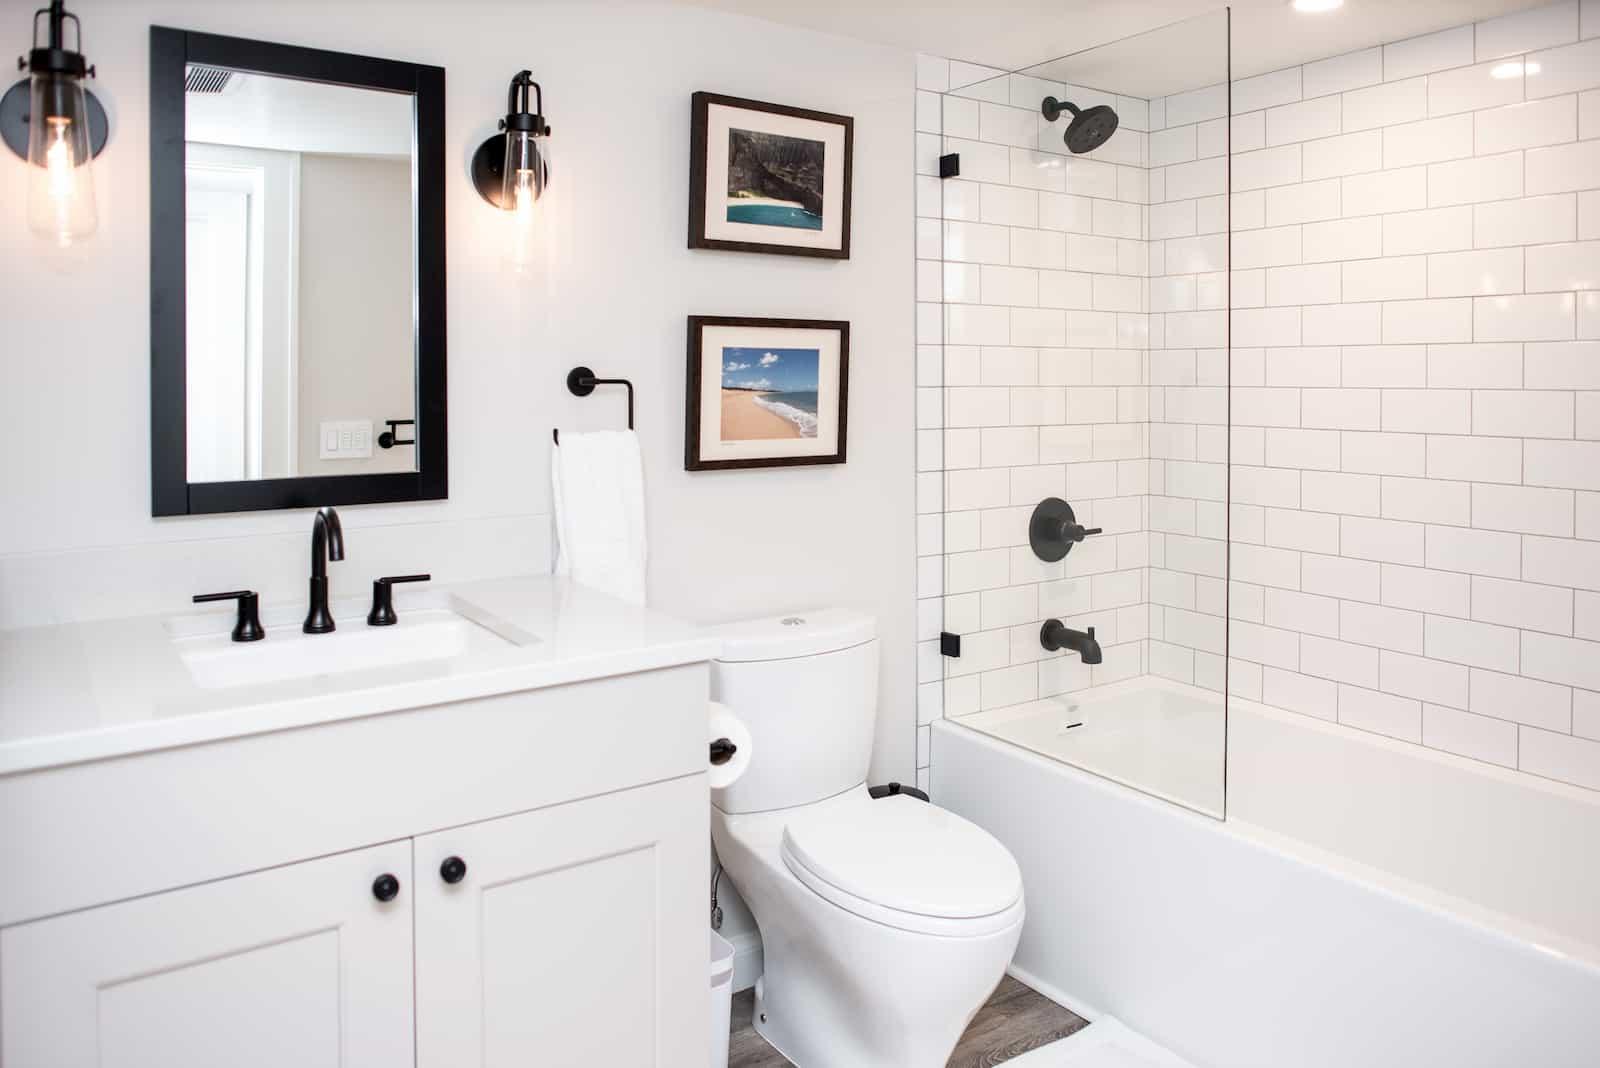 Bathroom Remodeling Contractors